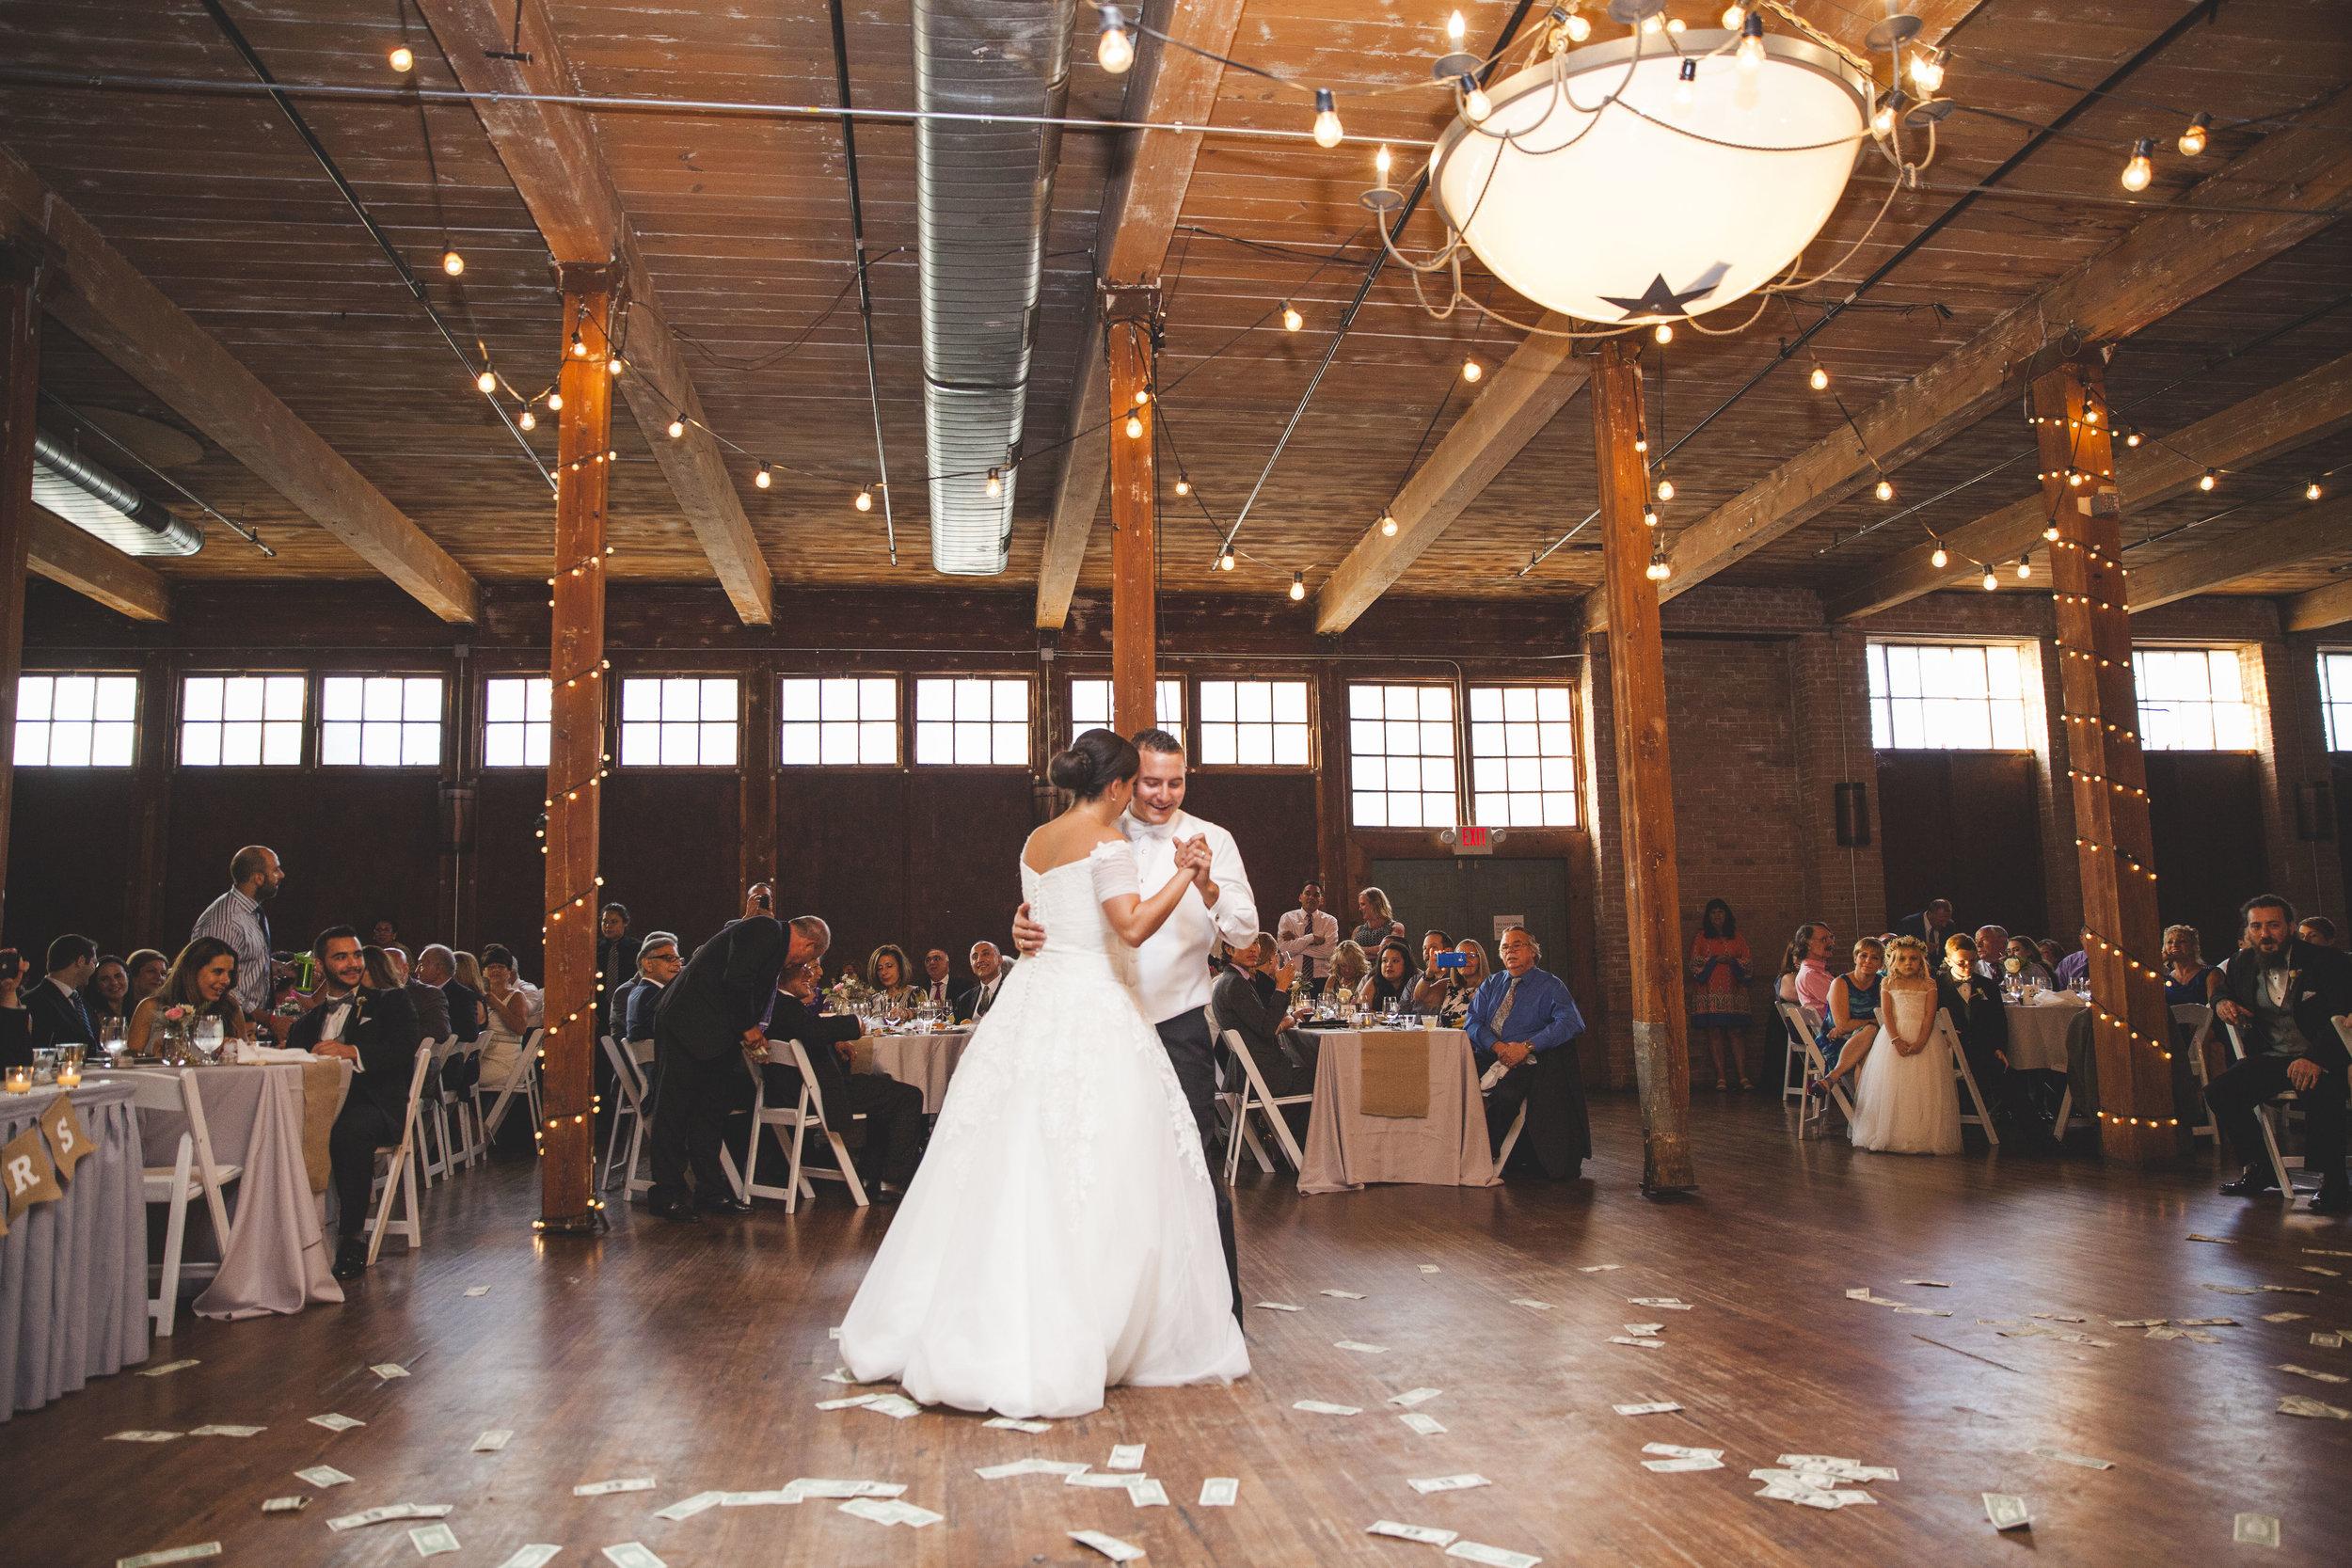 ATGI_Magali & Josh Wedding1__521.jpg